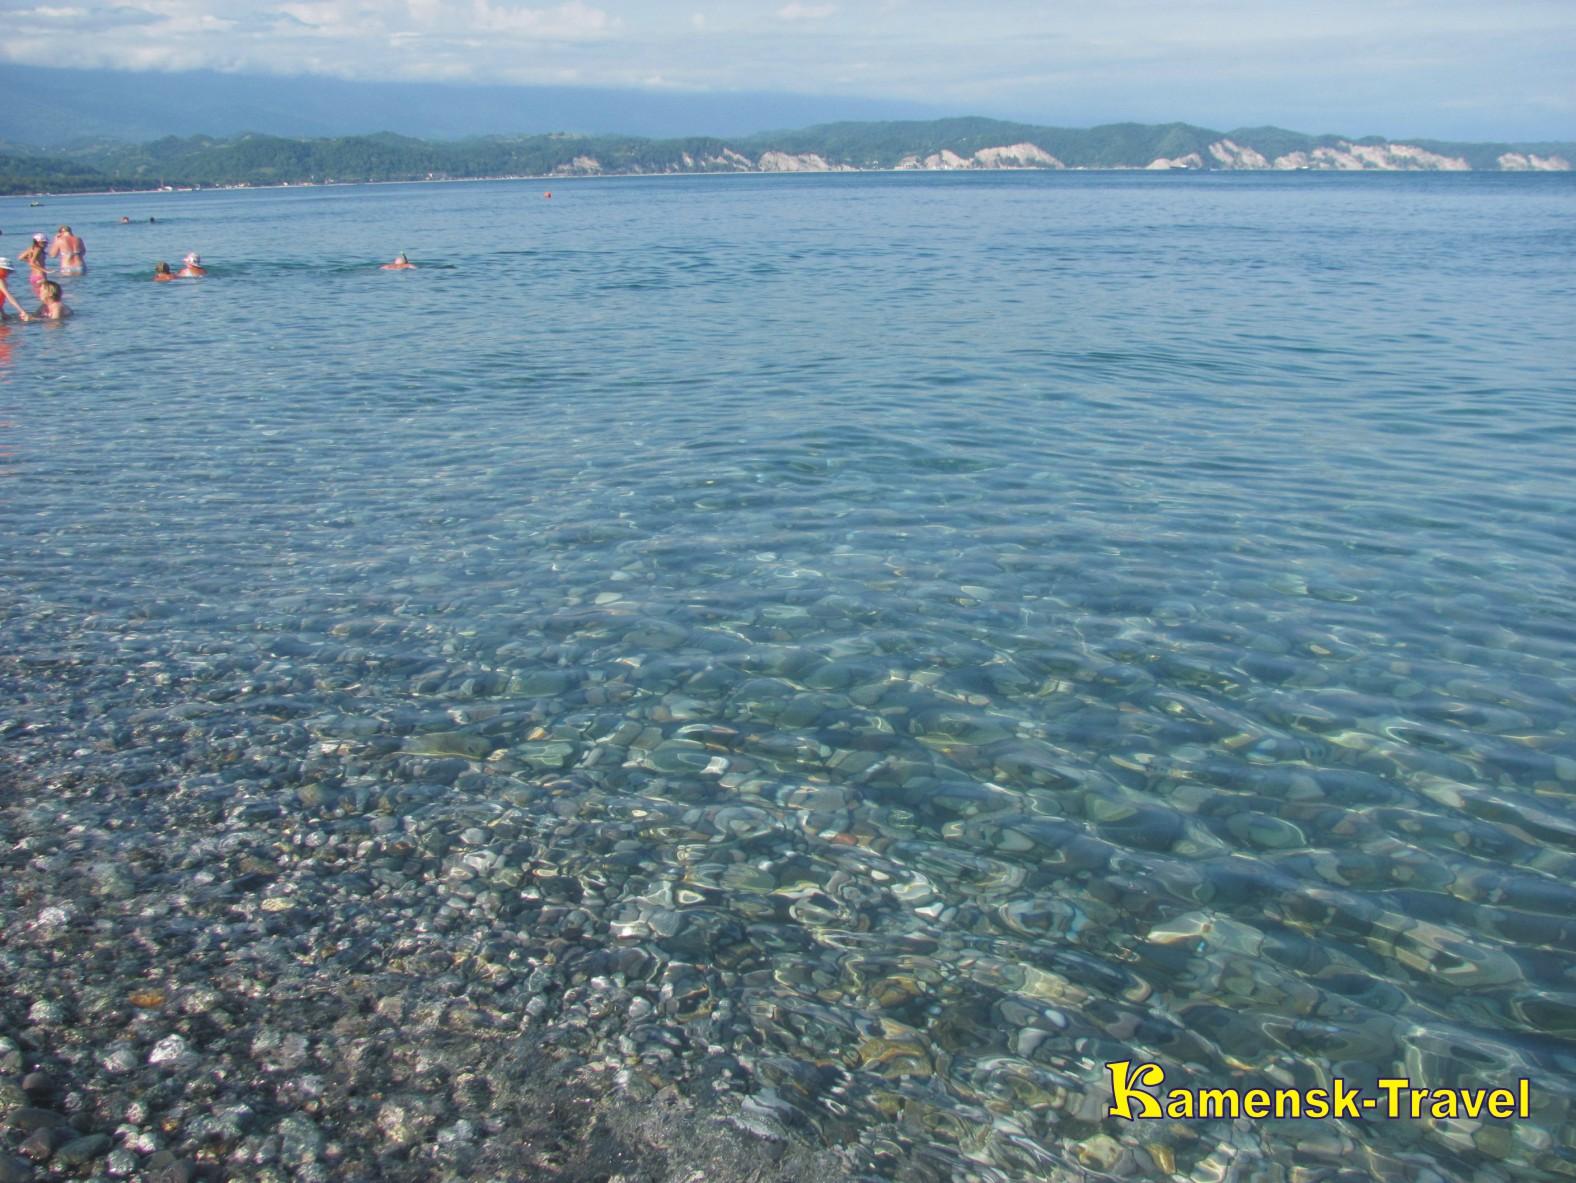 Море и пляжи абхазии фото